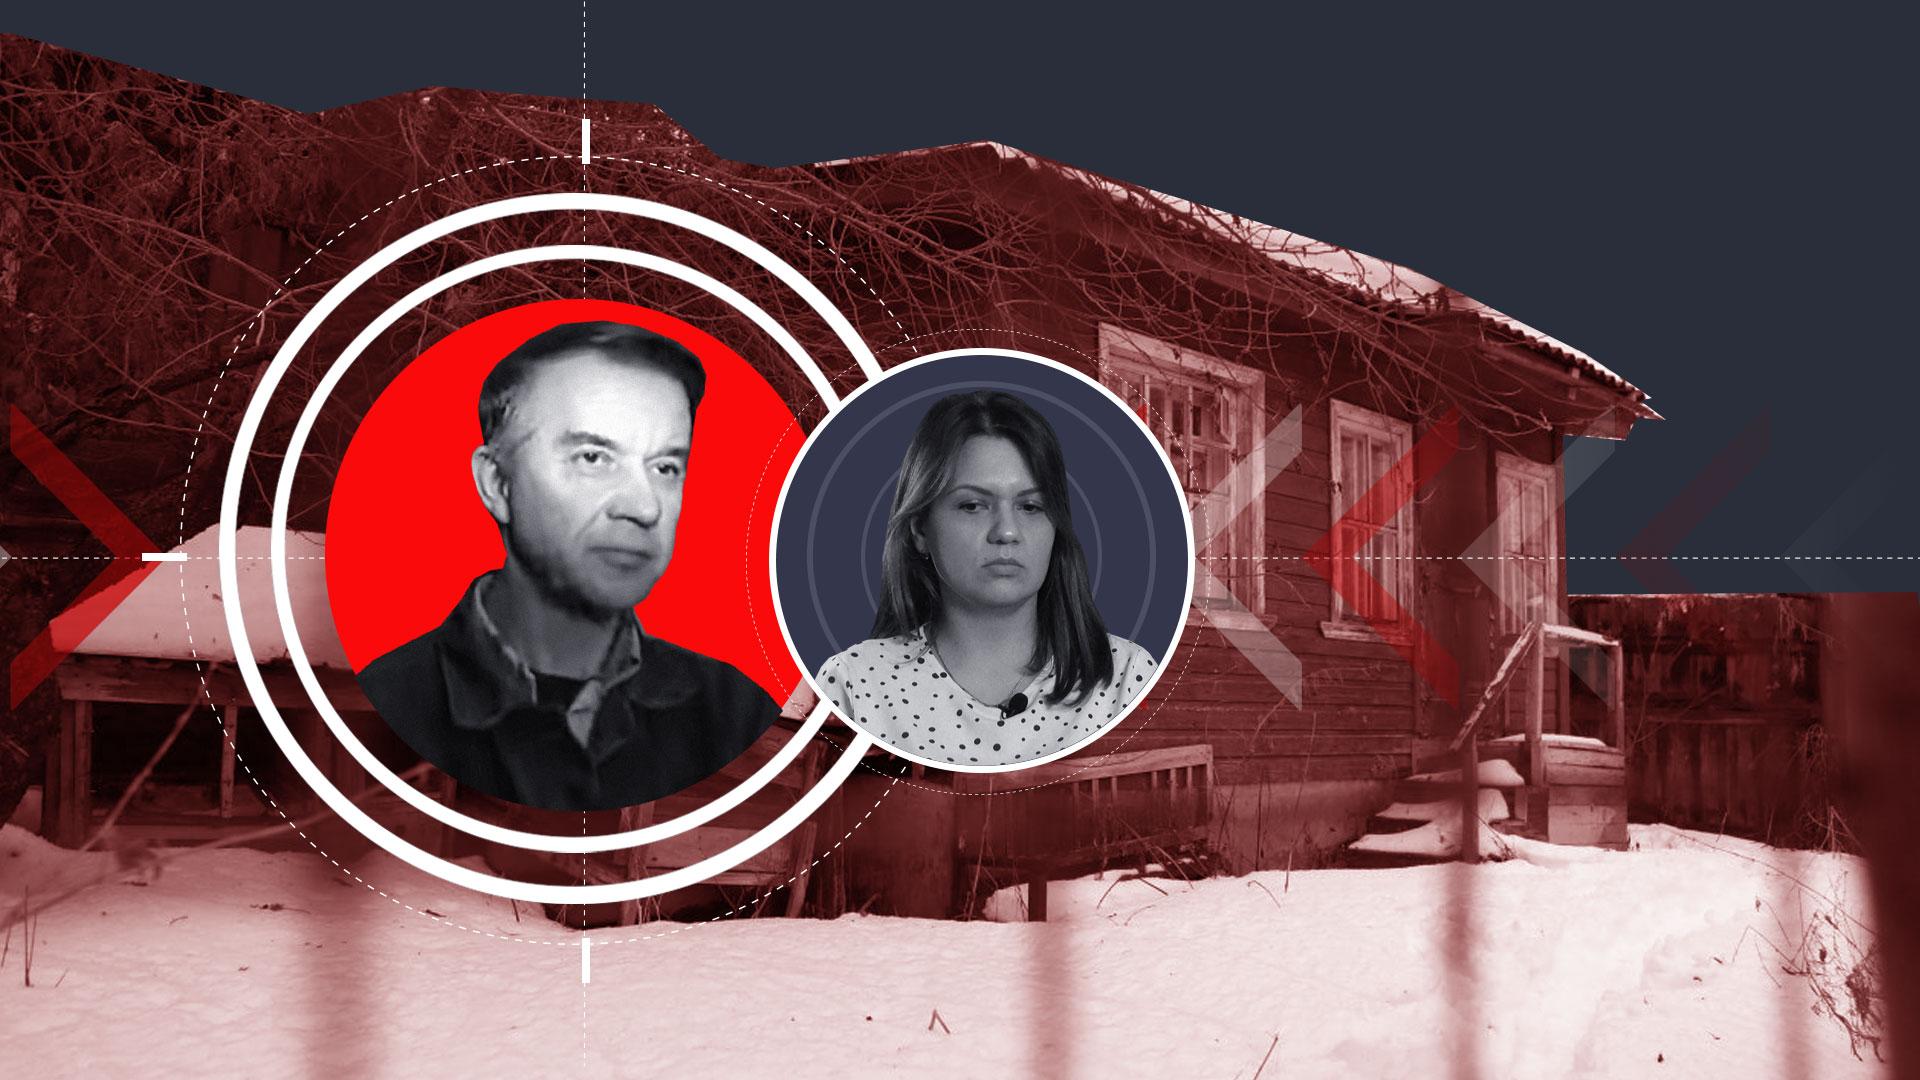 Возвращение мучителя: скопинский маньяк выходит на свободу спустя 17 лет